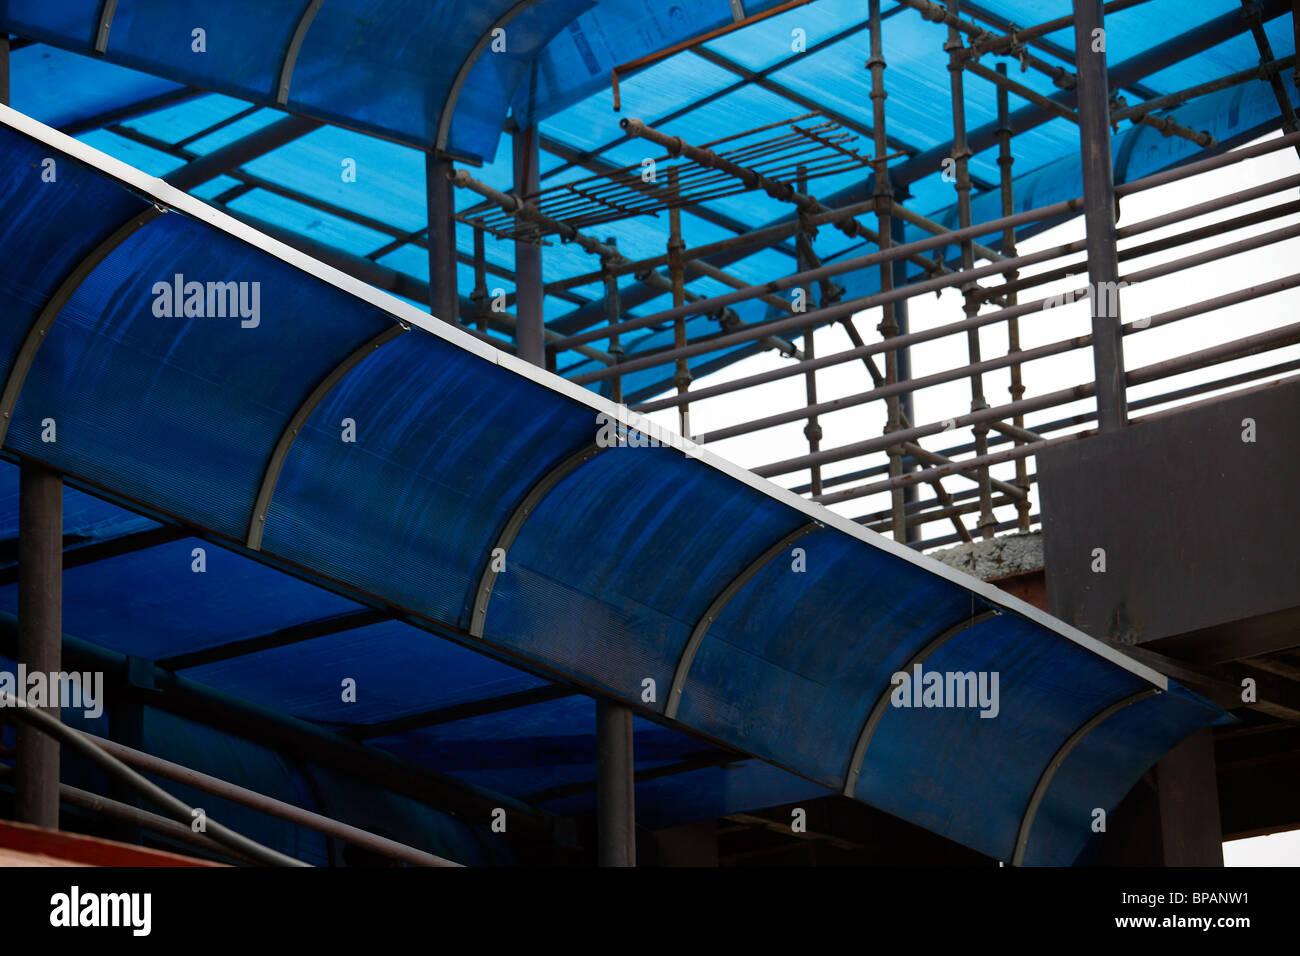 A construção do teto estrutura de fabricação de tubos de ferro industrial azul Imagens de Stock